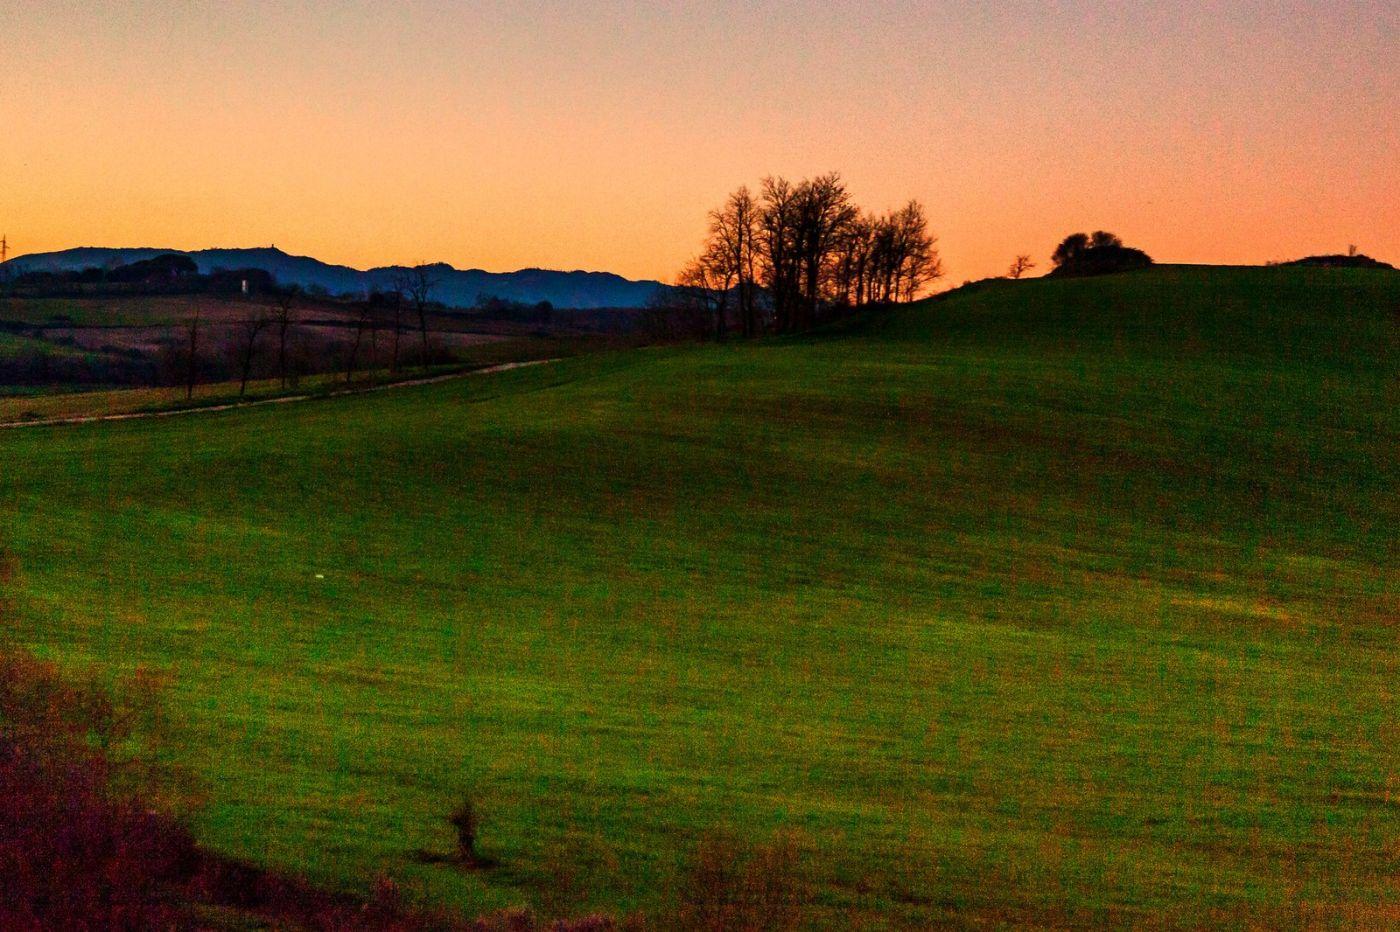 意大利路途,黄昏时的乡村_图1-31